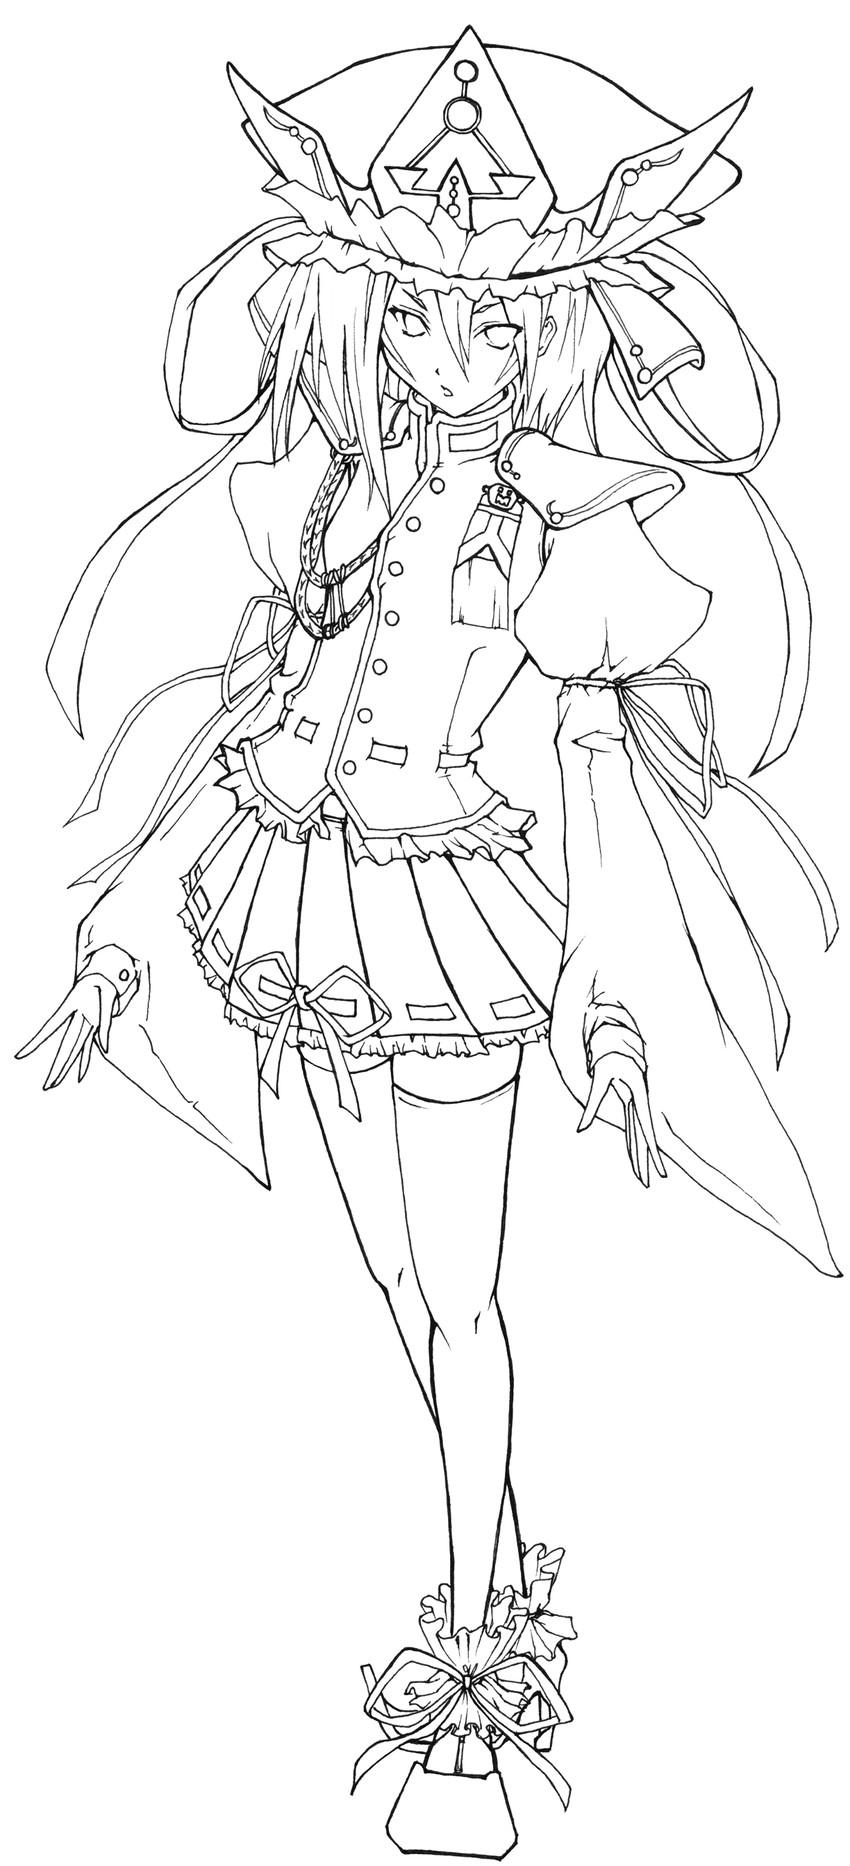 shiki eiki (touhou) drawn by suzushoku hiro